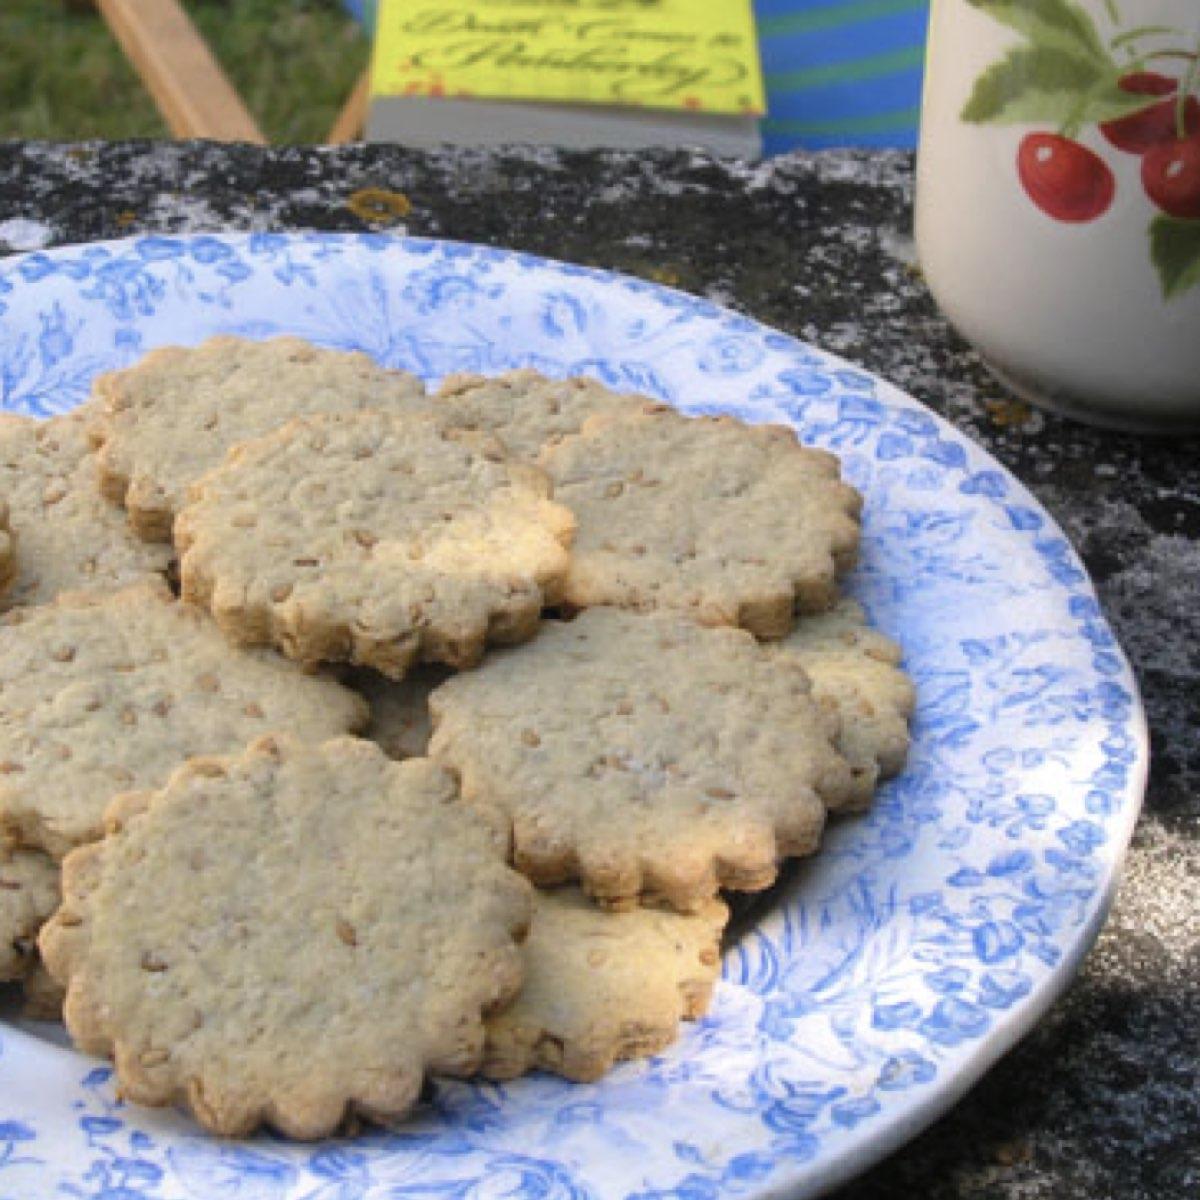 biscuits secs - abbaye de sept fons - divine box